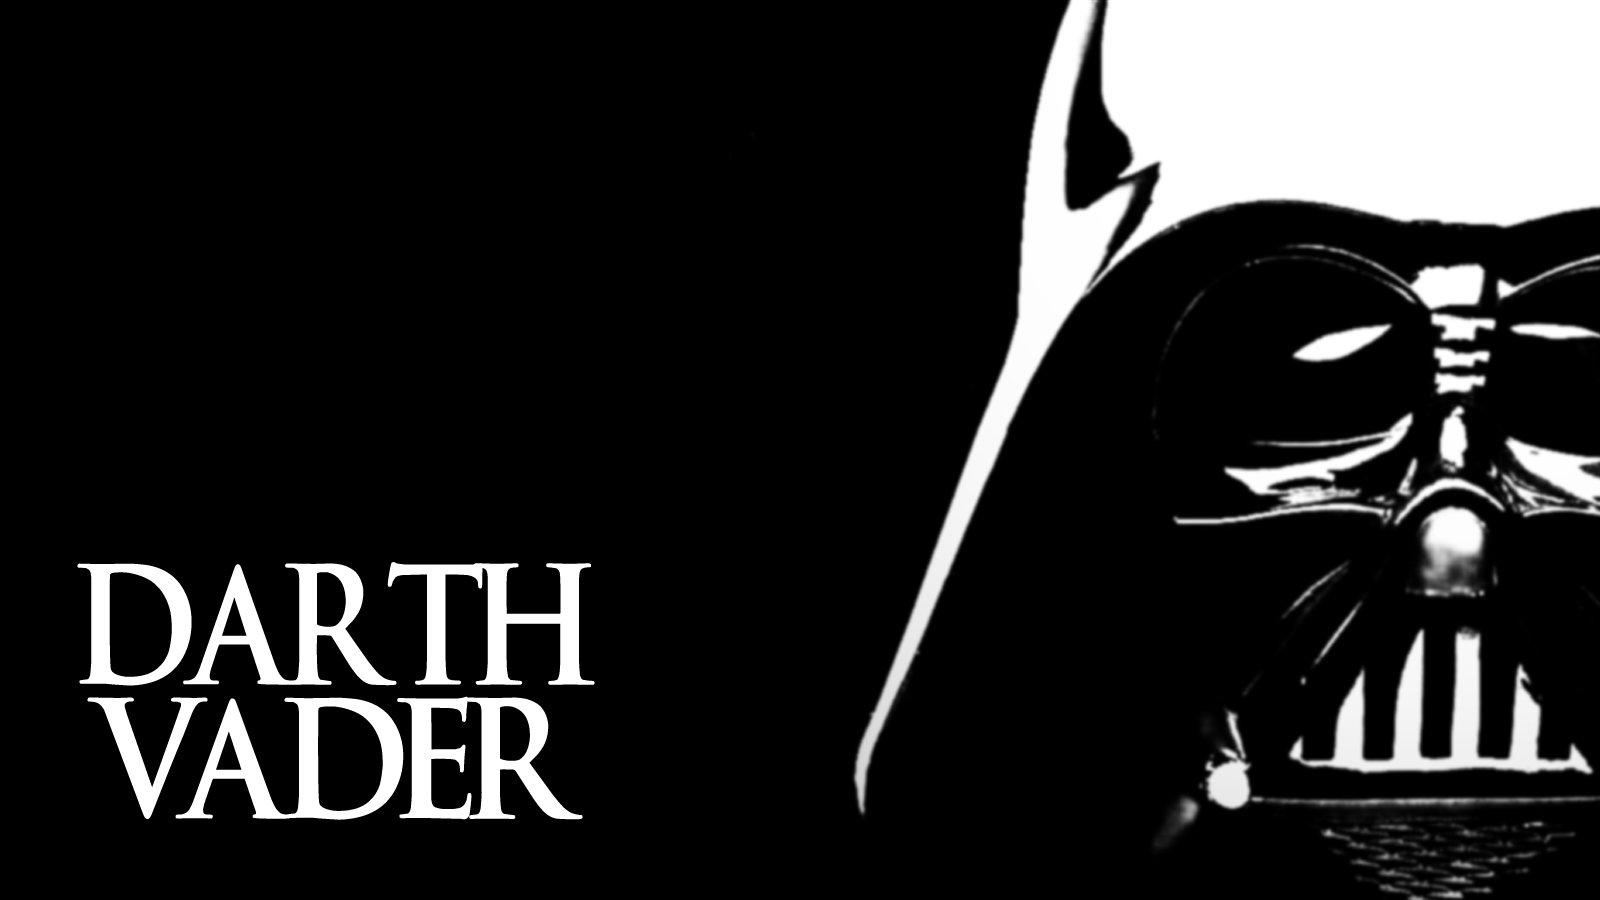 Darth Vader Wallpaper by Artillusion 1600x900